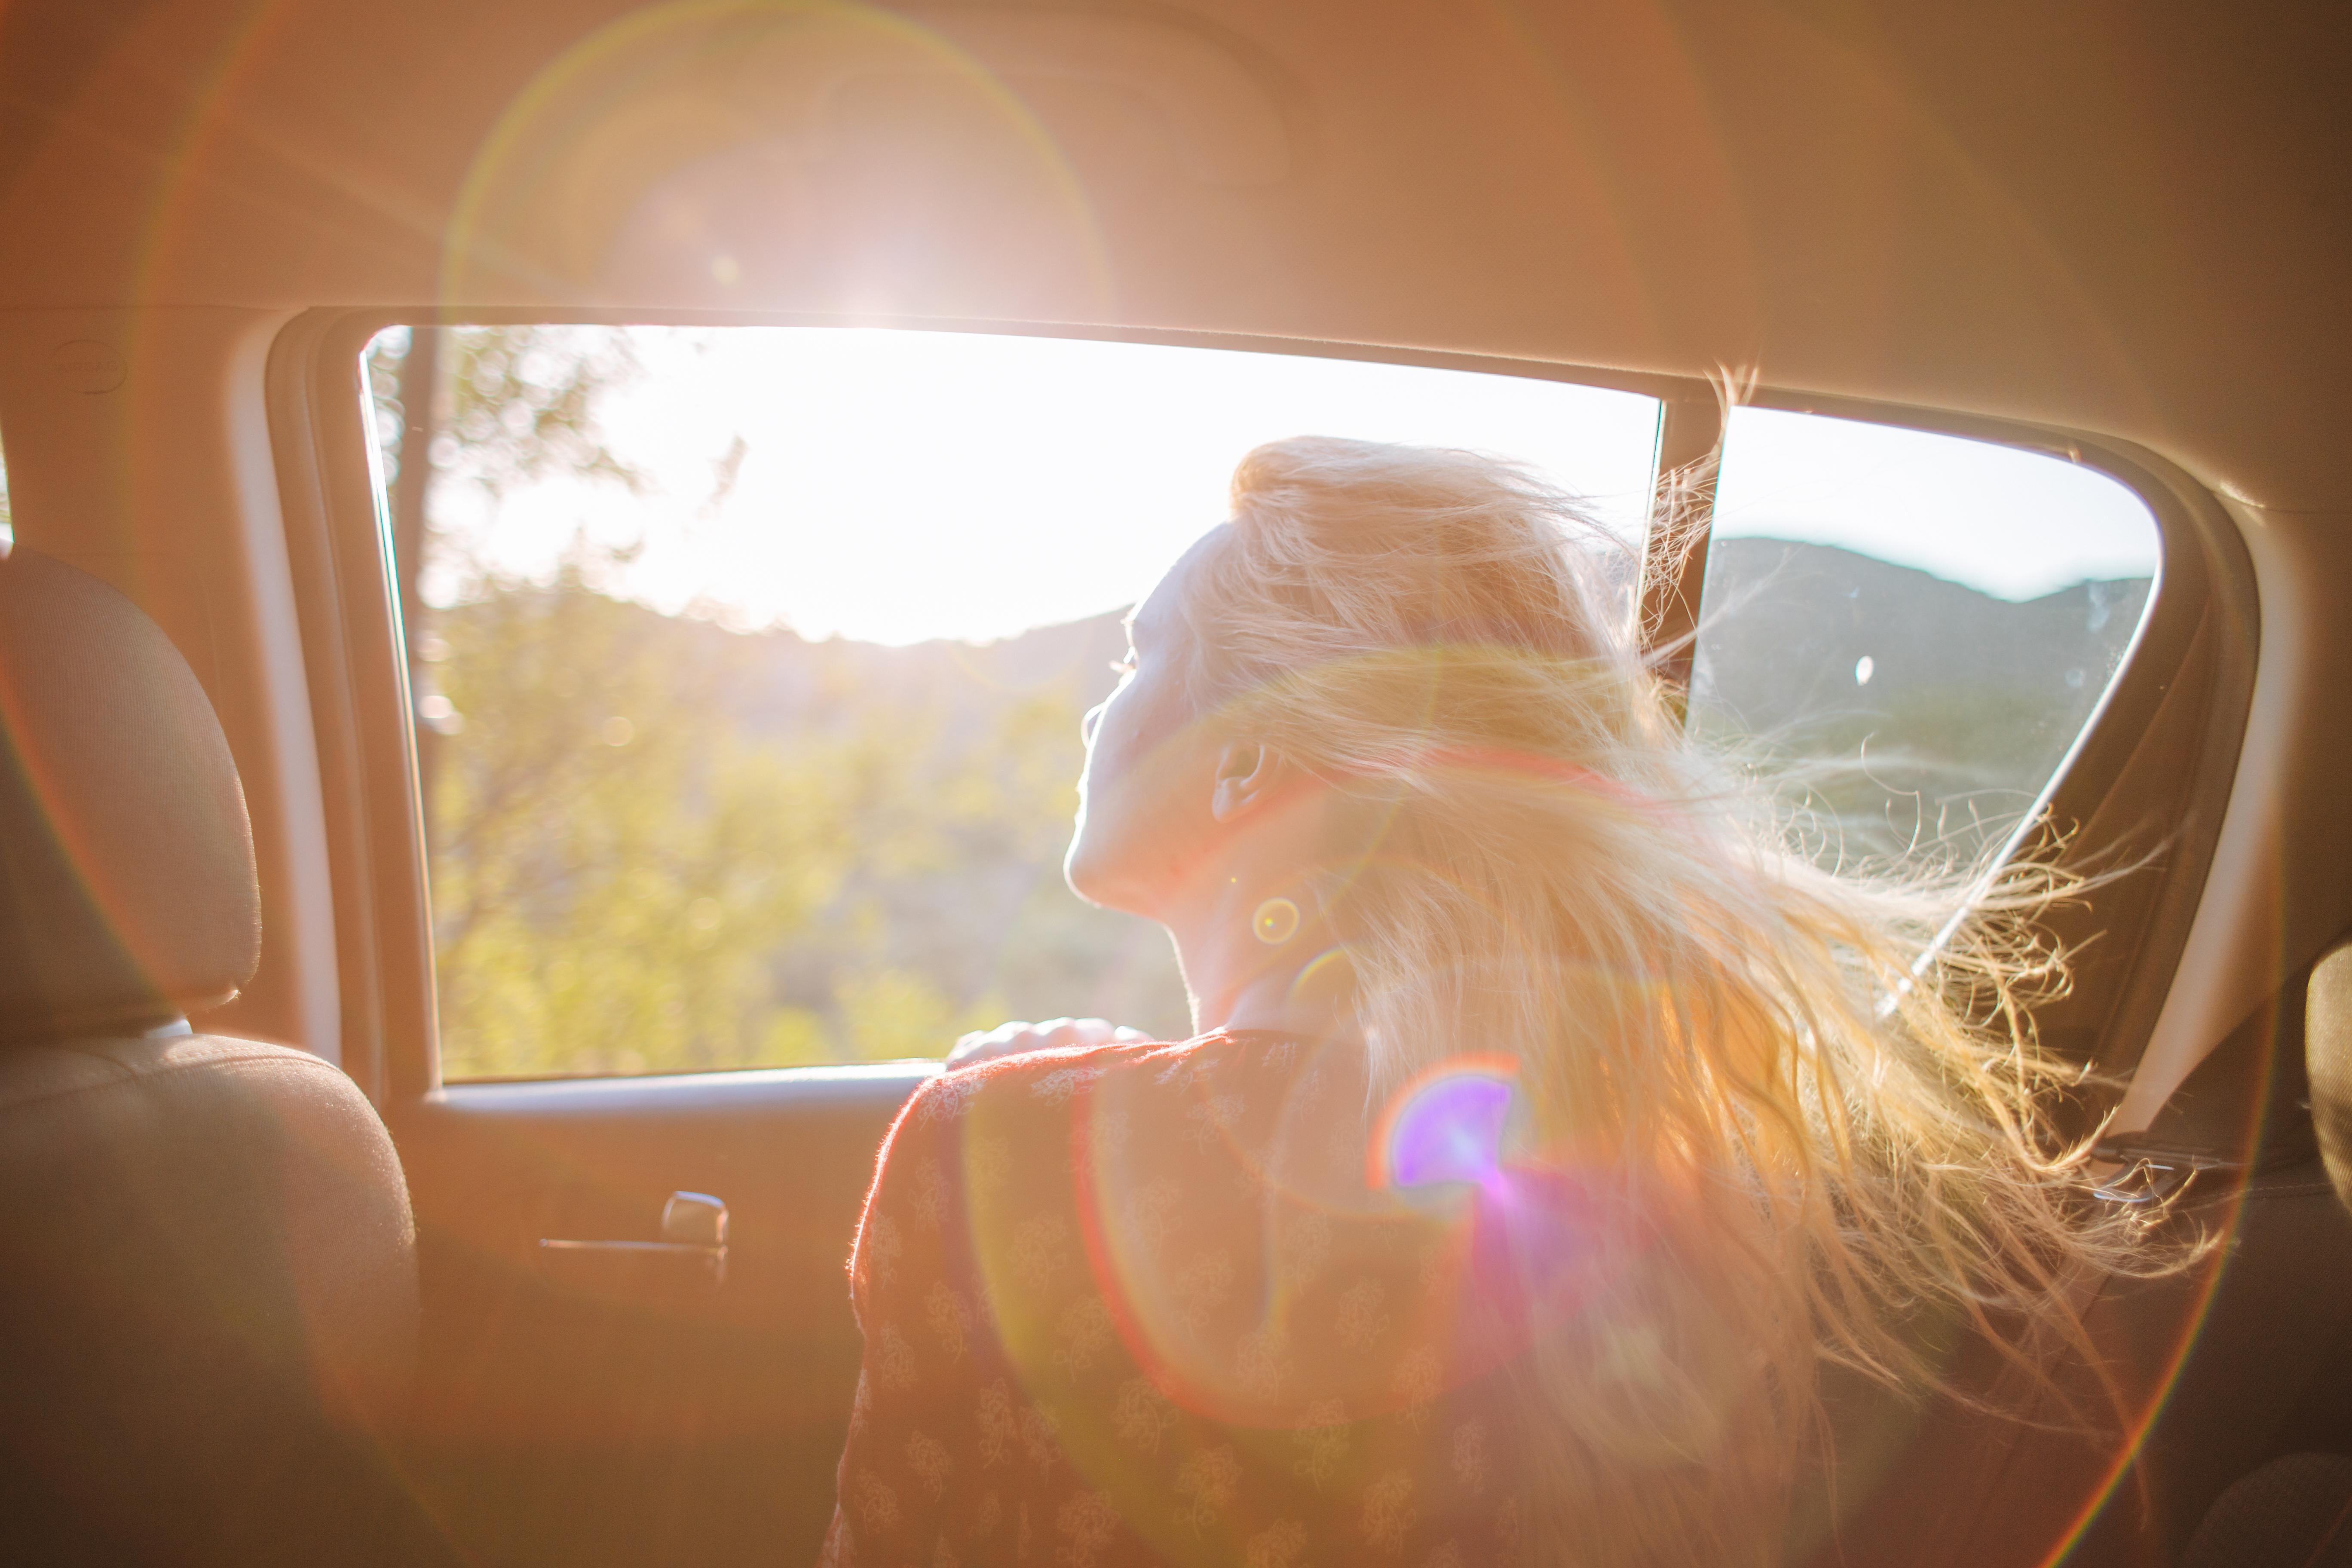 GRAWE BLOG - Vožnja po vrućini i suncu može biti ugodna uz nekoliko savjeta